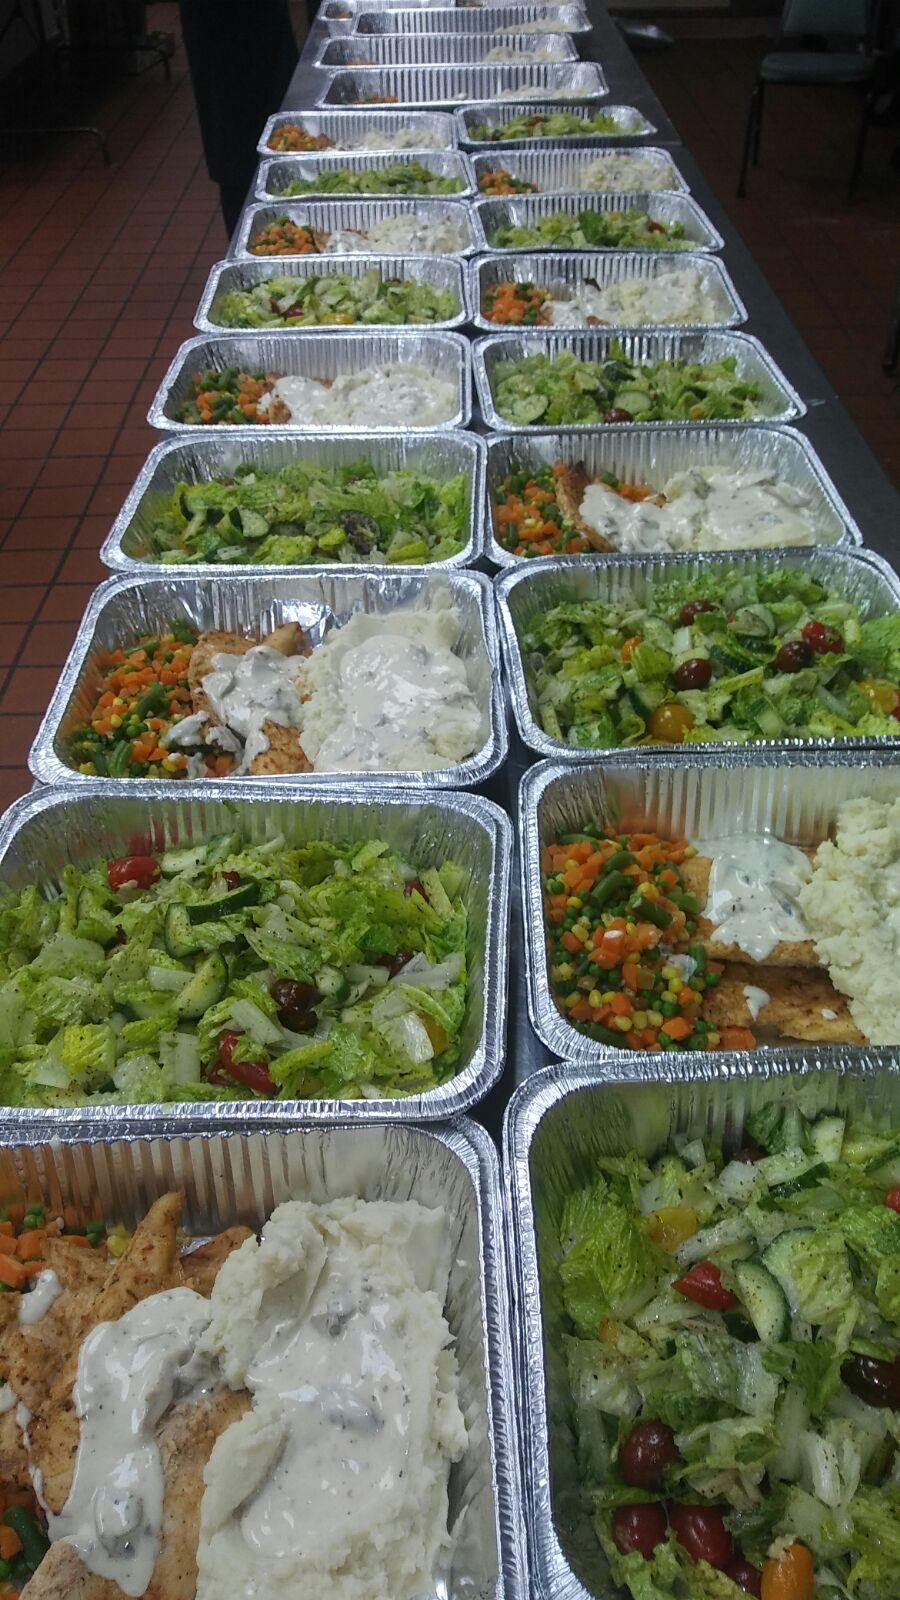 c-asist-refugees-meals-3